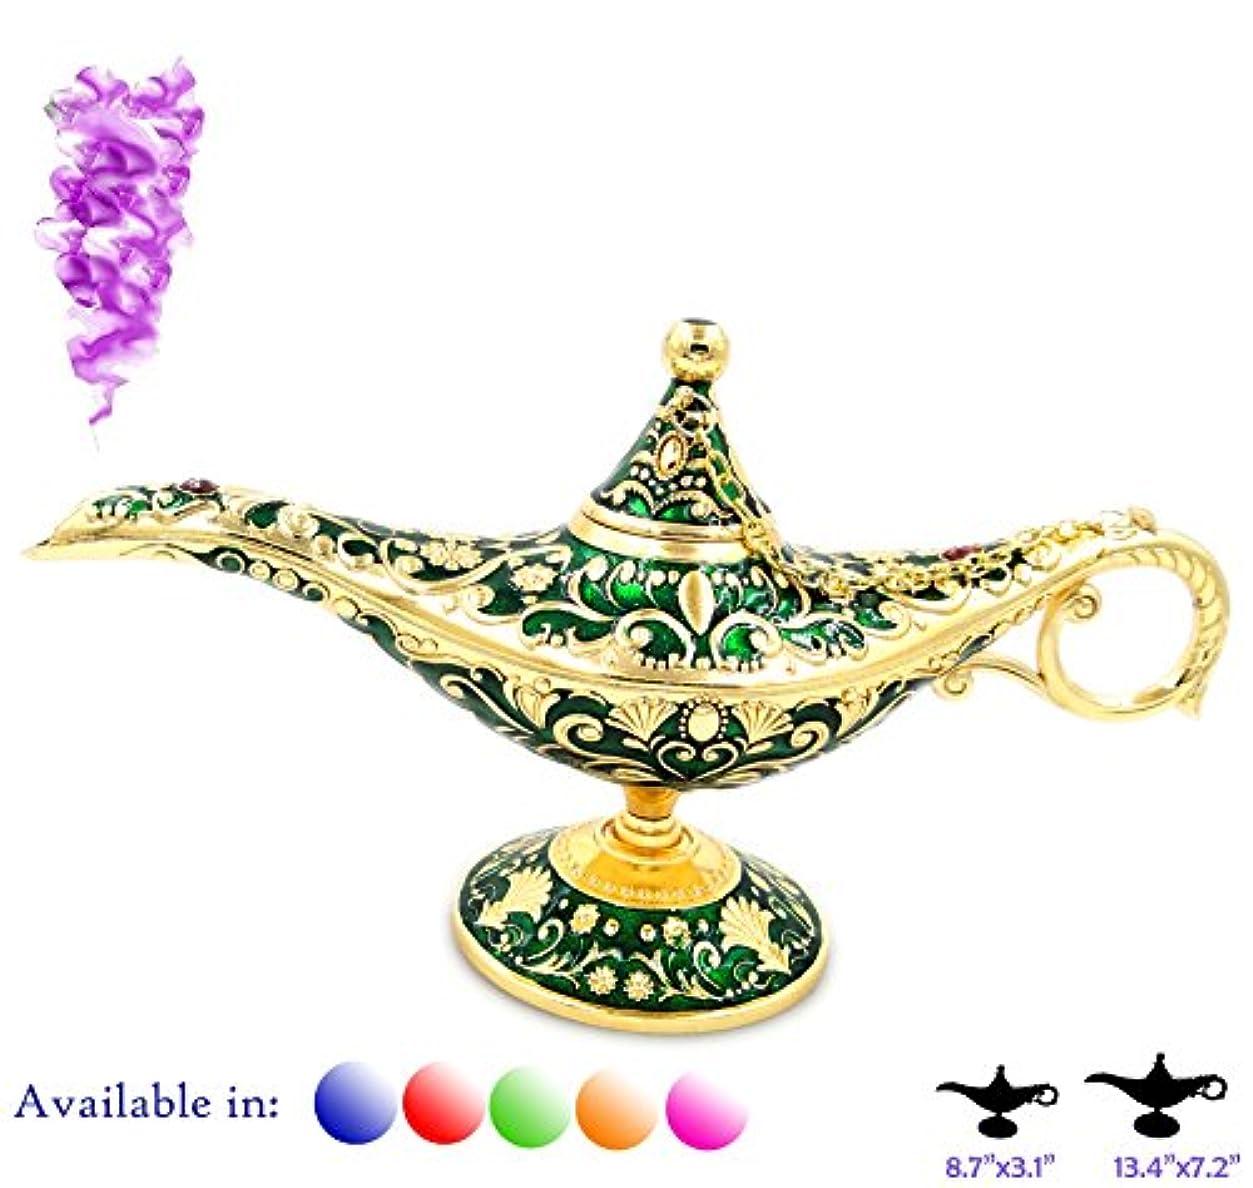 メニュー不当血色の良い凡例Aladdin Magic Genieライトランプポットクラシックカラー真鍮Aladdin Genie Lamps Incense Burners Normal 8.7x3.1